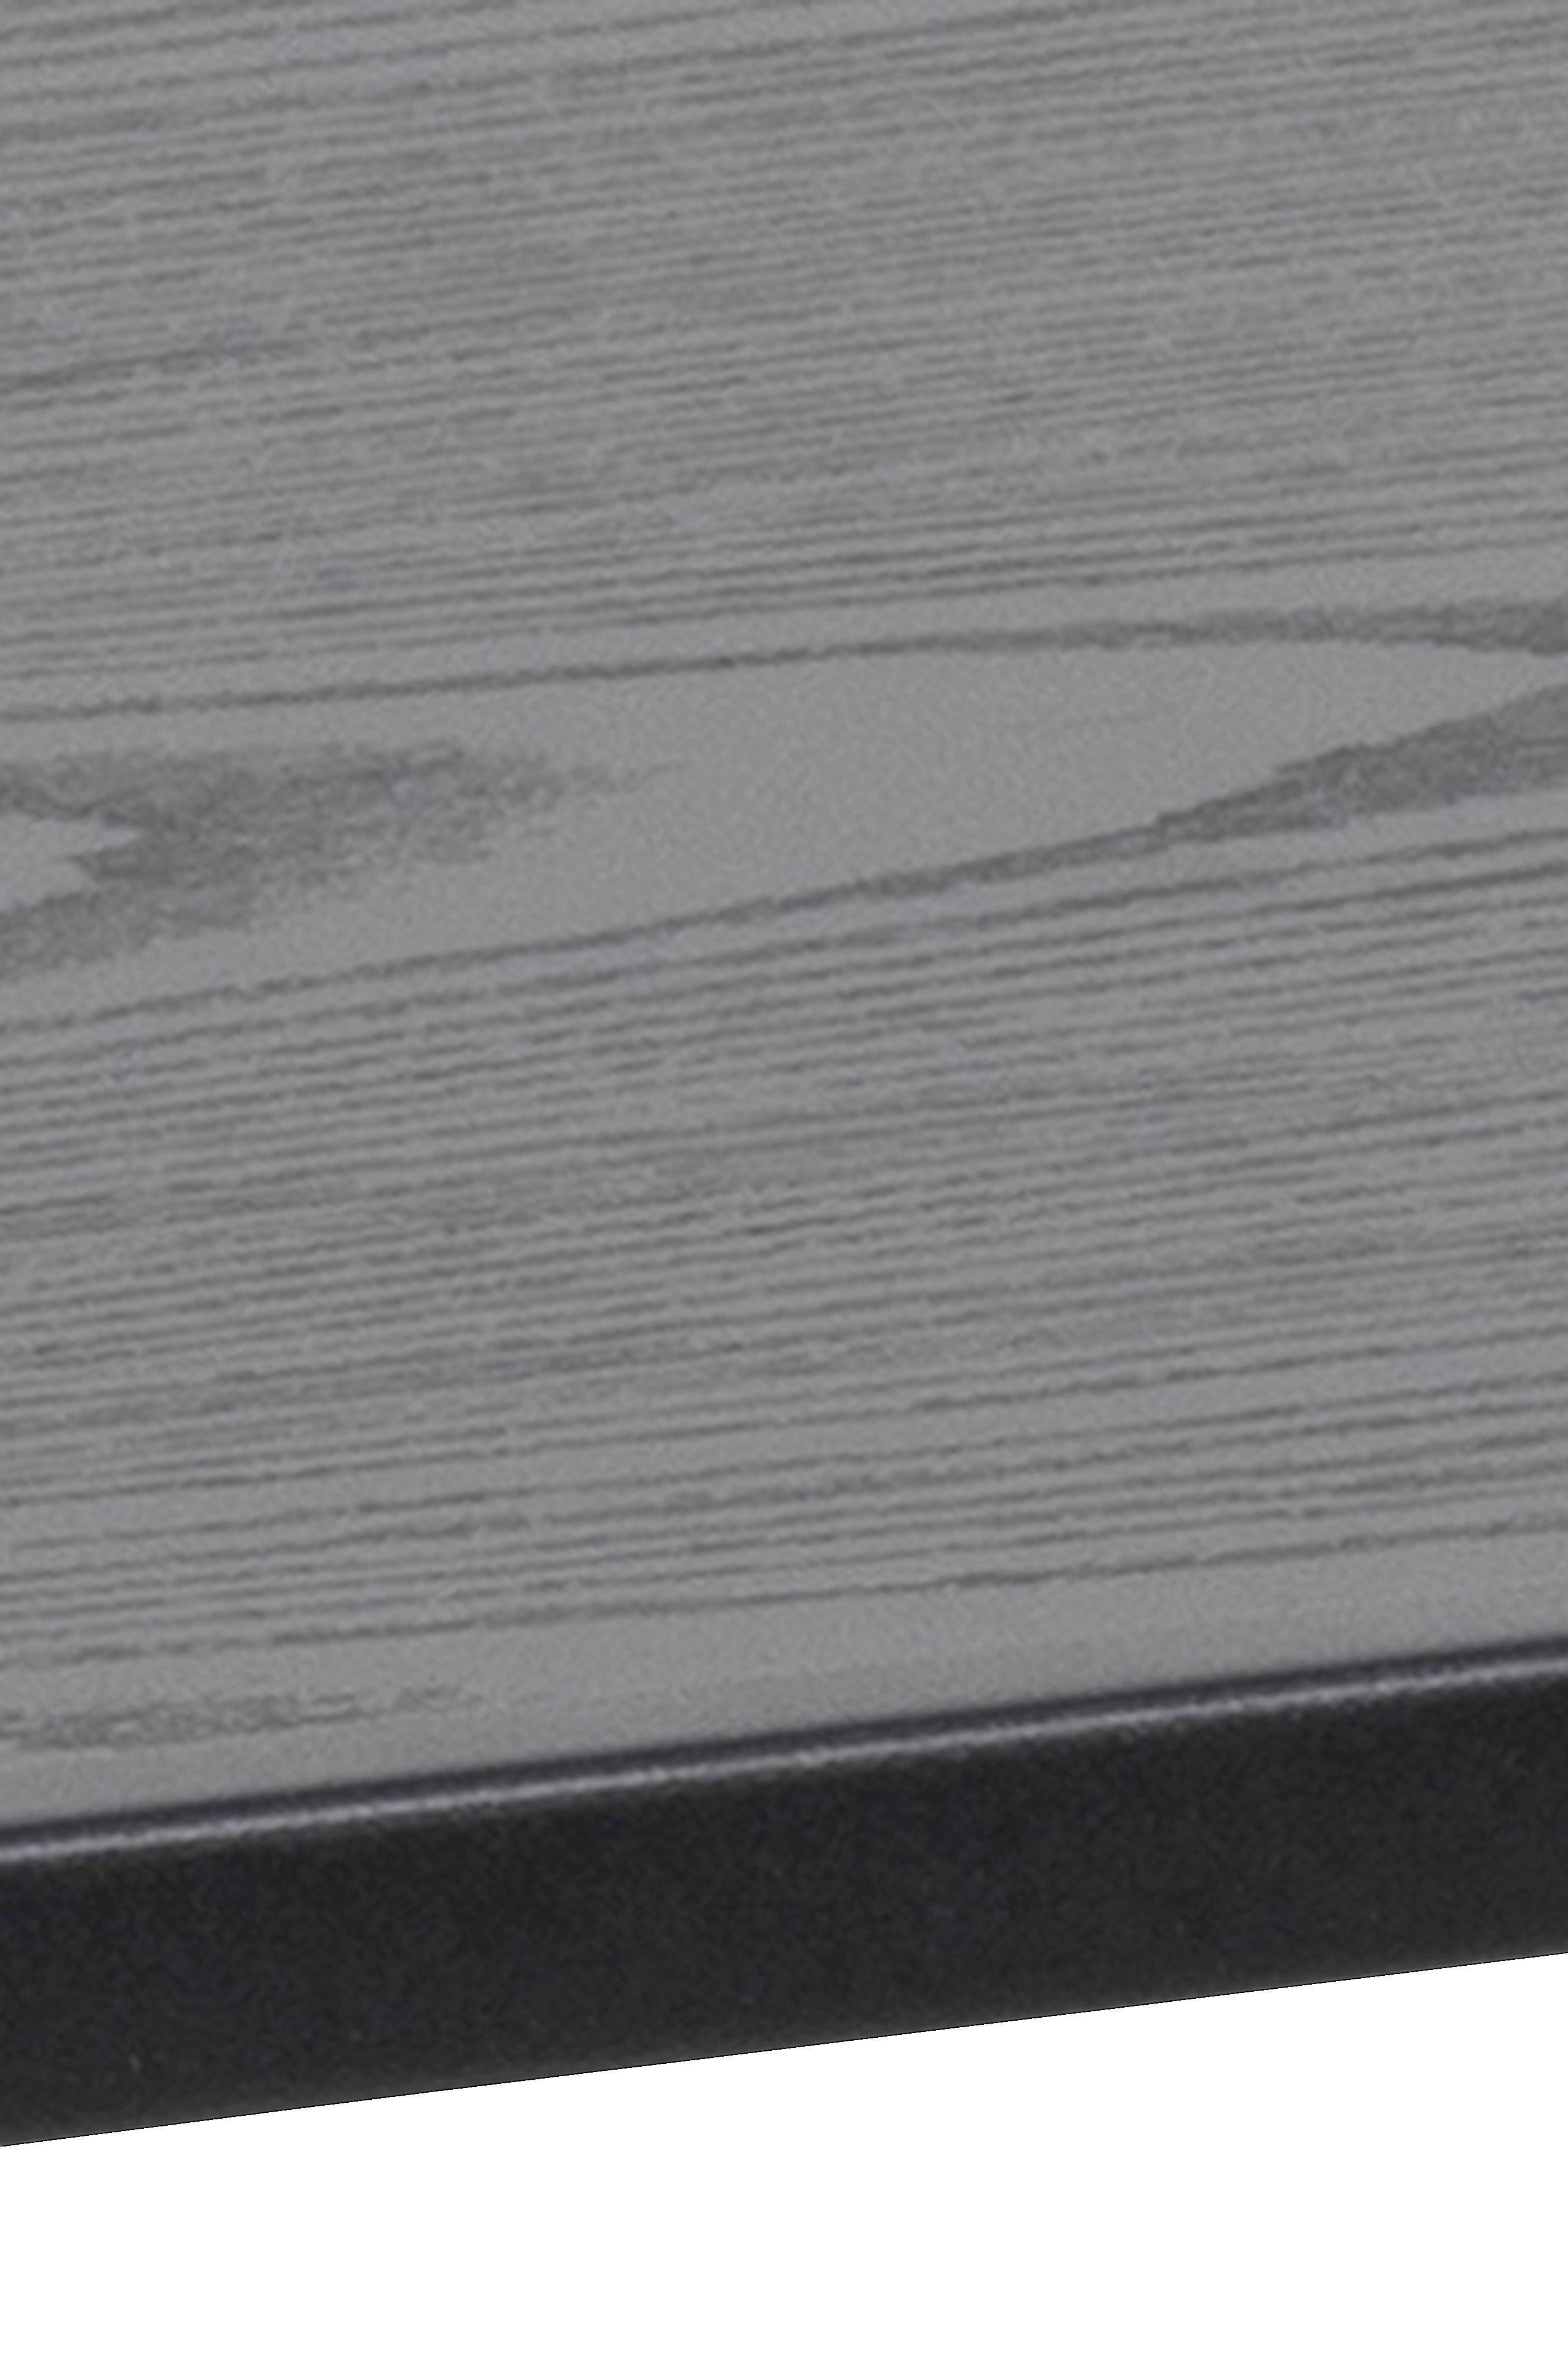 NORDFORM Soffbord Seaford, 50 x 100 cm Svart Soffbord